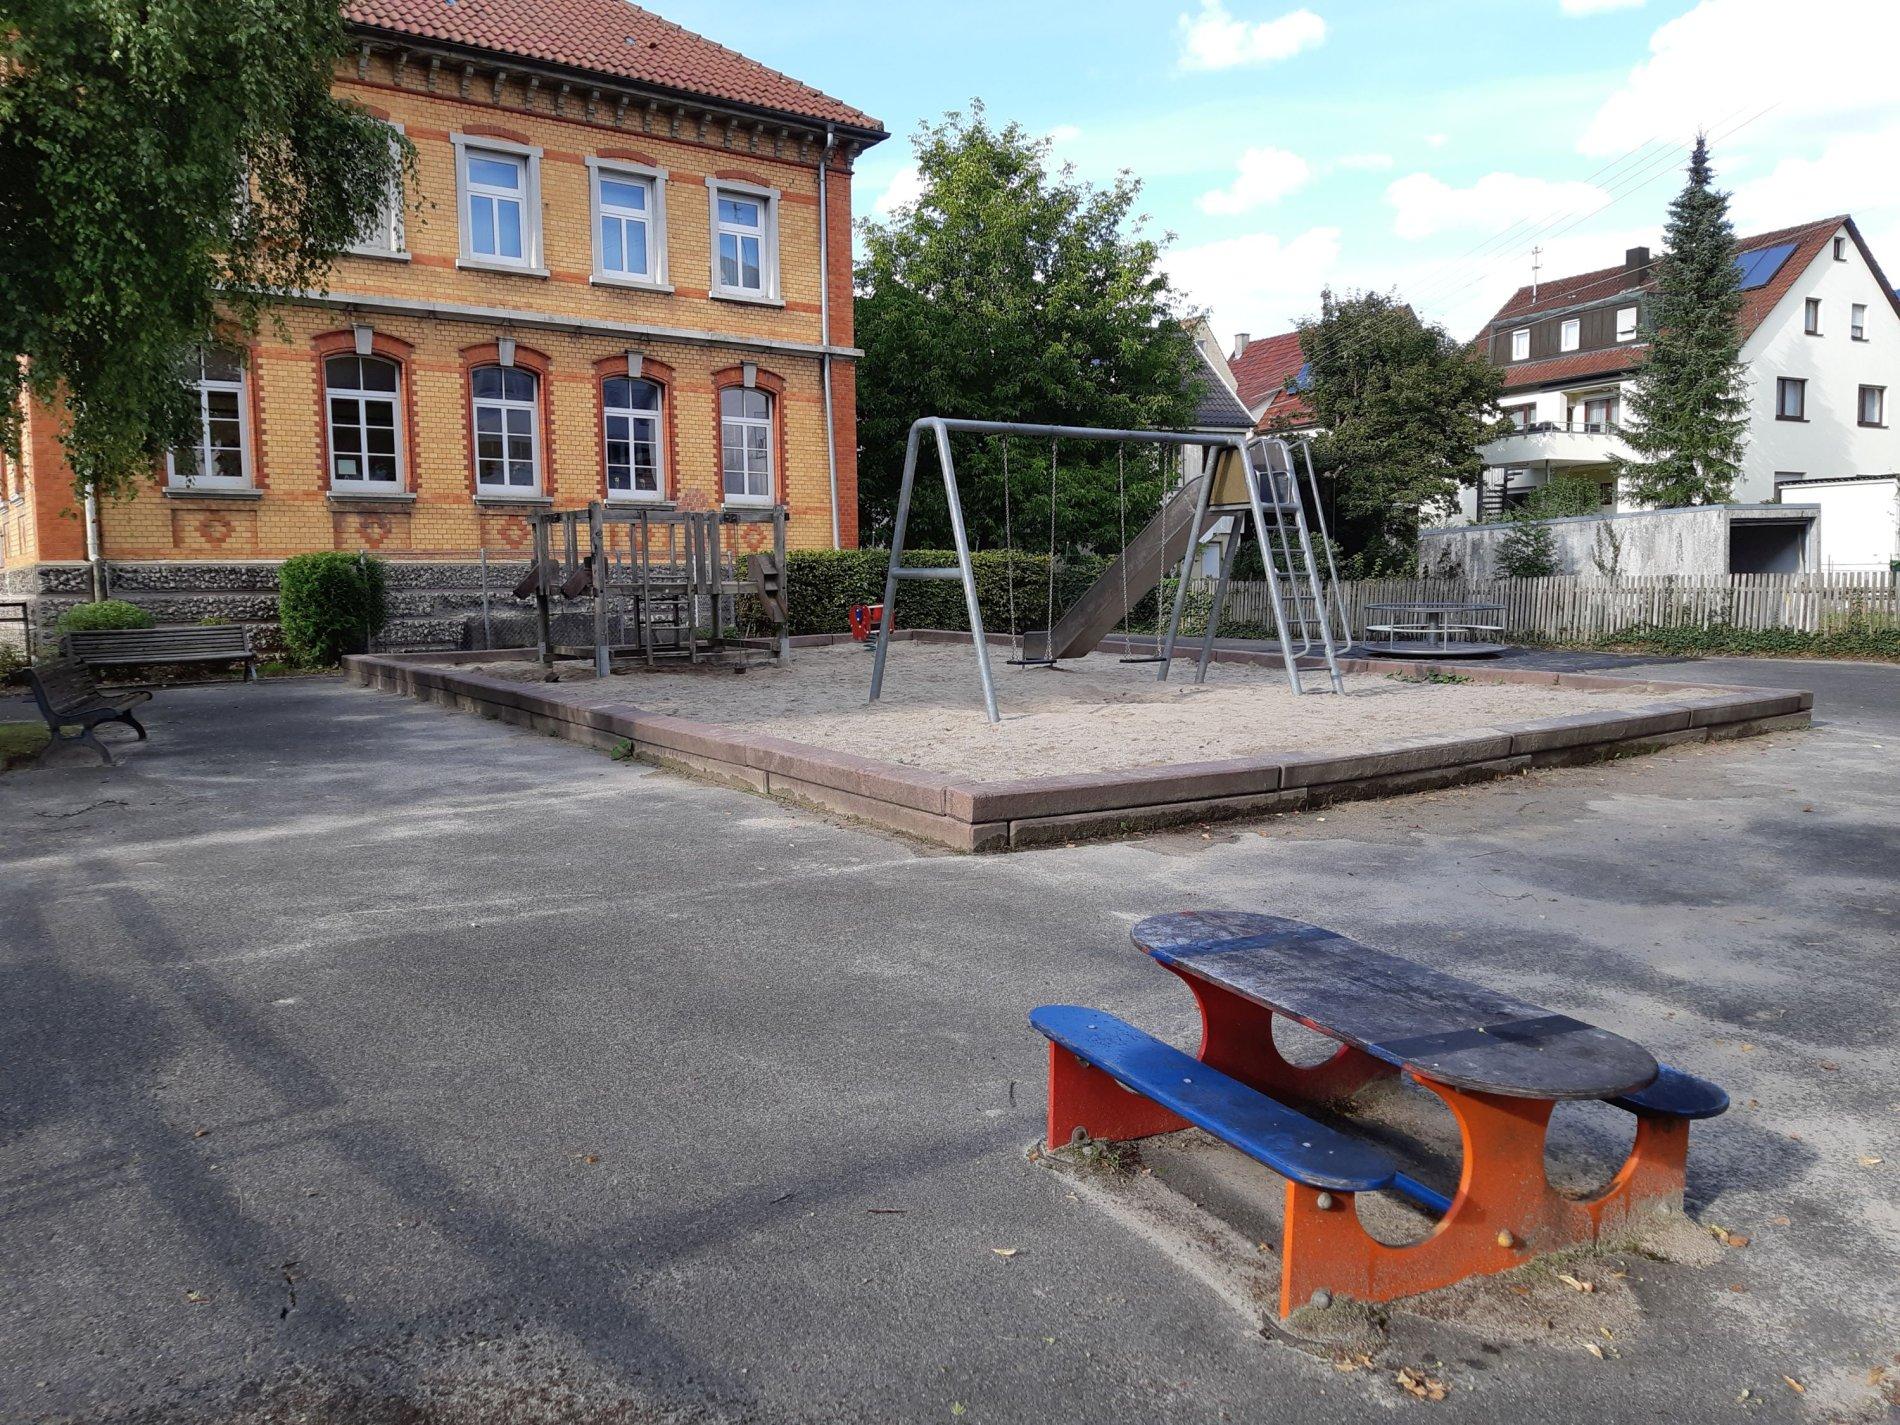 Spielplatz Alte Riedschule - Der Spielplatz wartet auf dich!